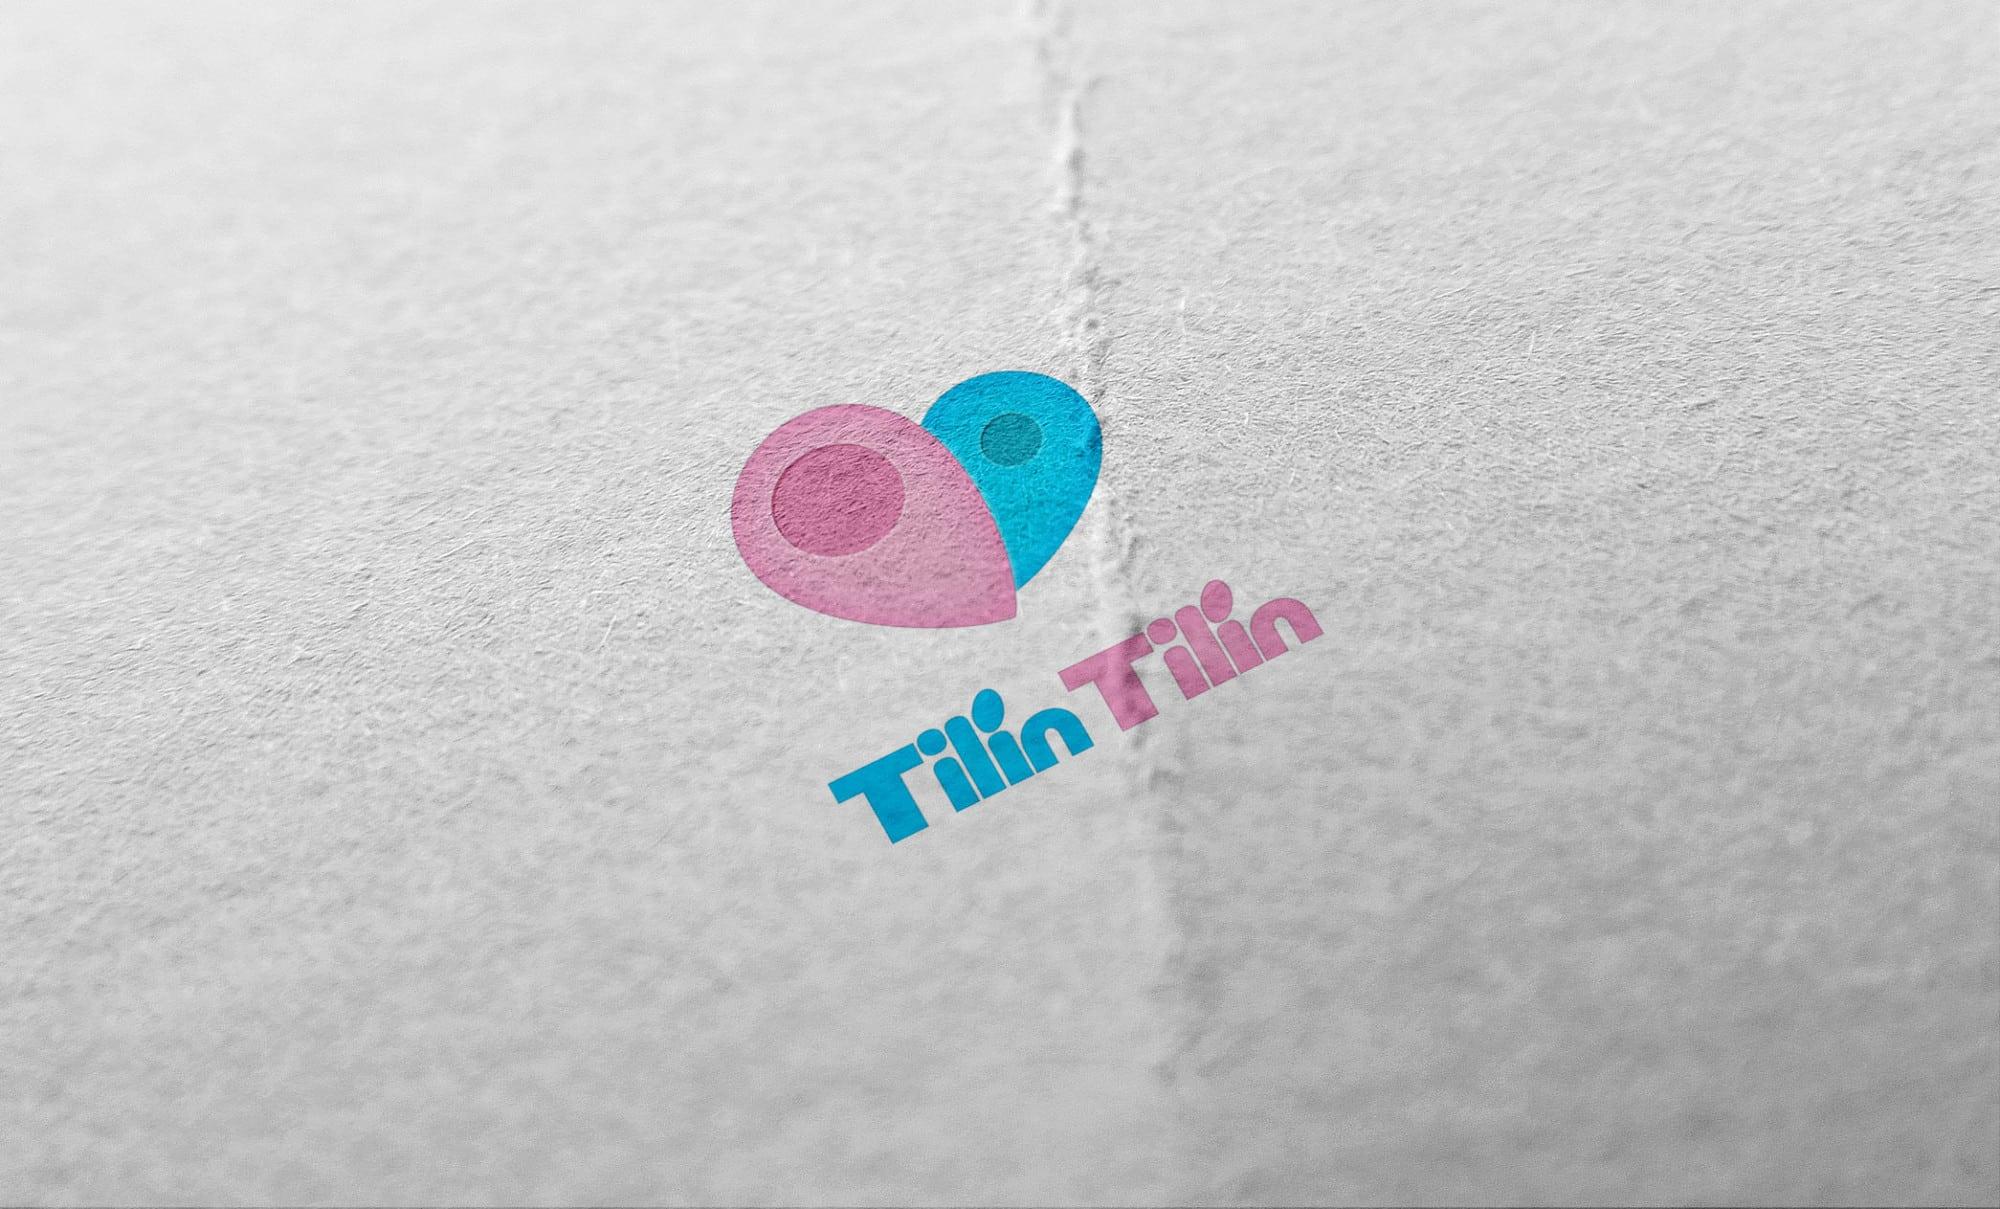 Tilín Tilín